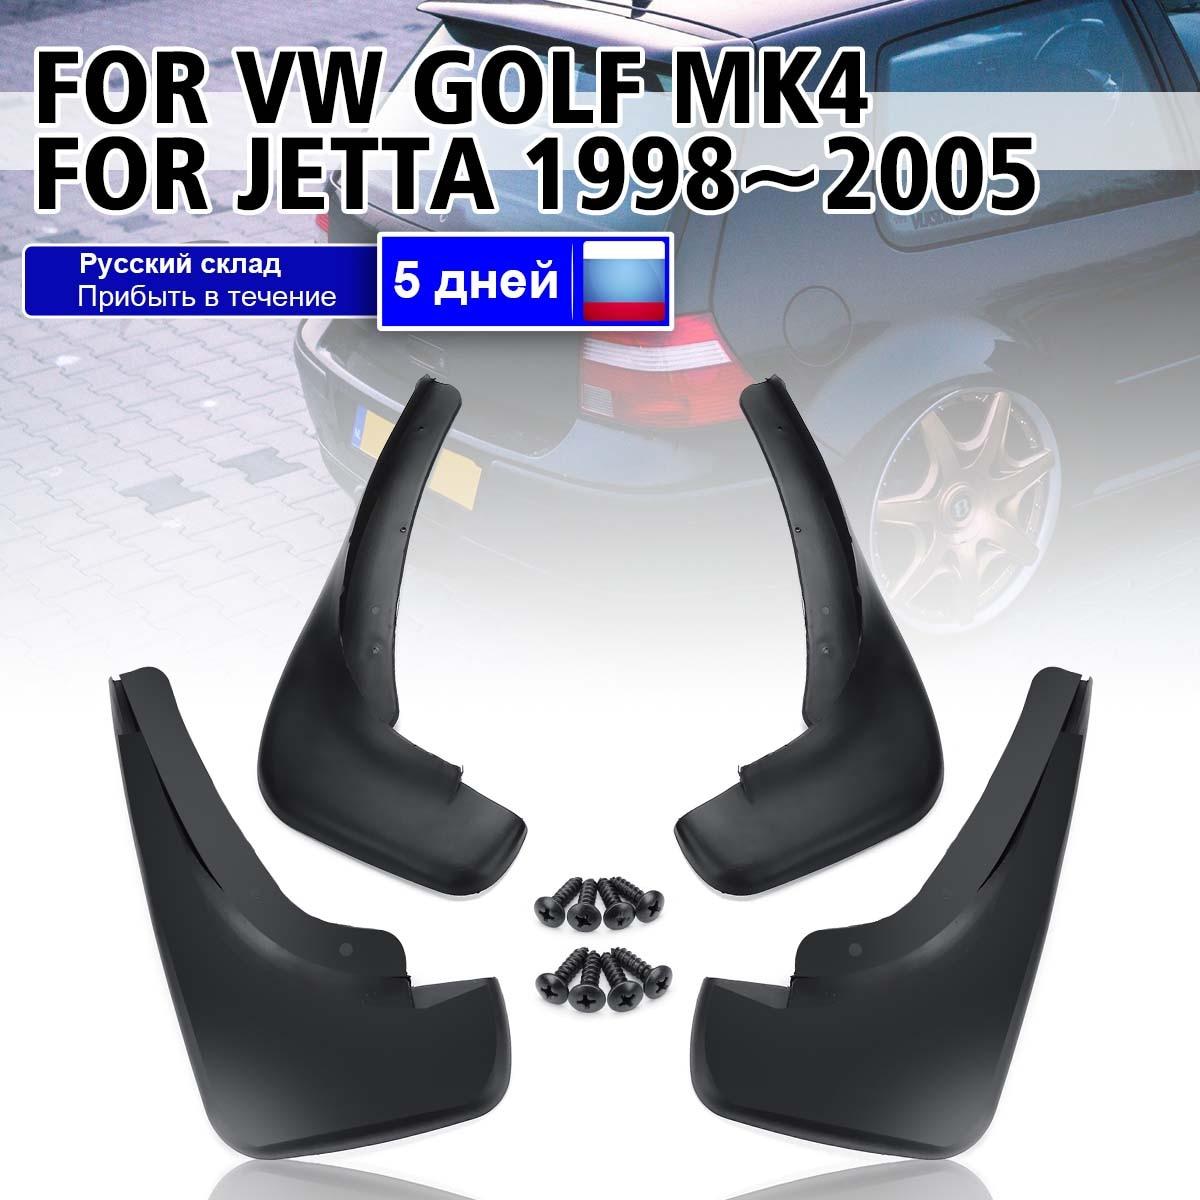 รถโคลนสำหรับ VW Golf 4 Mk4 IV Bora Jetta 1998-2005 Mudflaps Splash Guards ด้านหน้าด้านหลัง Fender mudguards